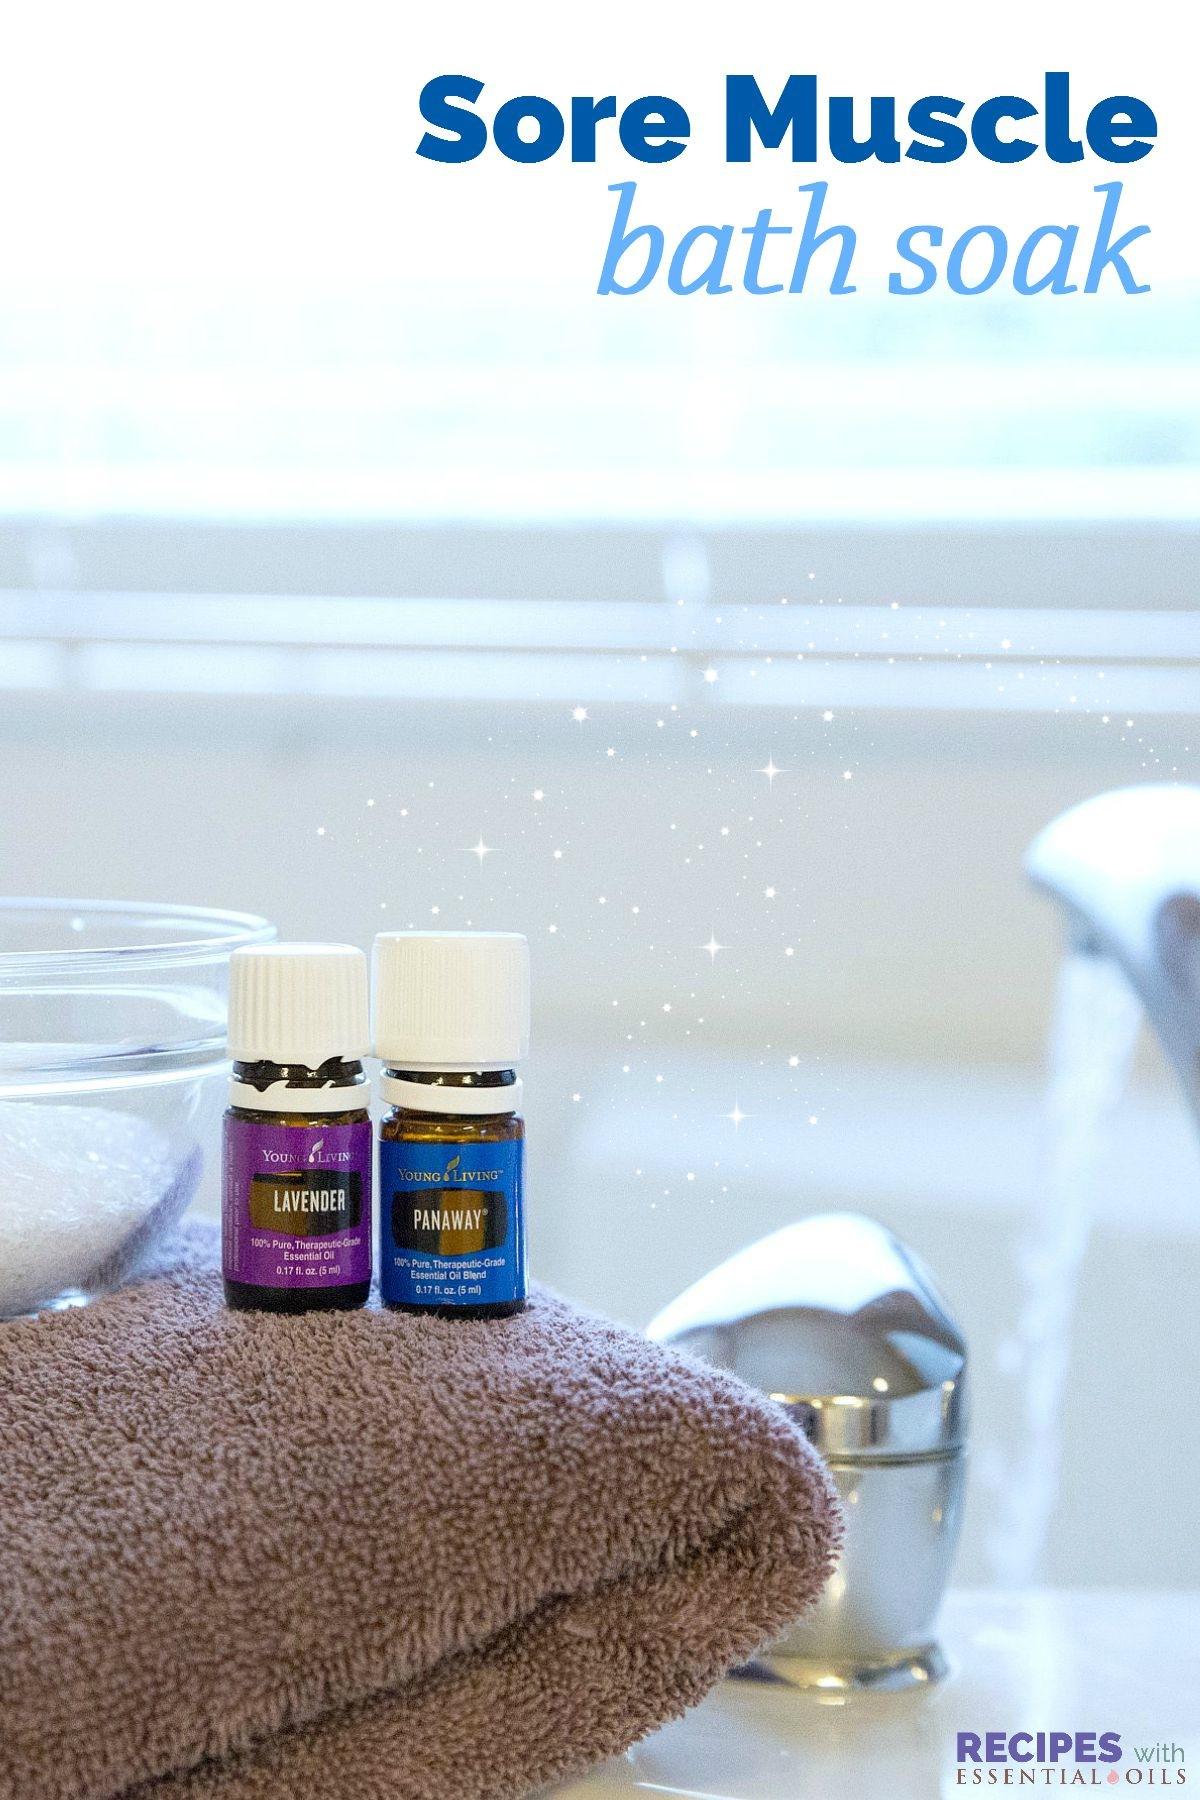 Sore muscle bath soak